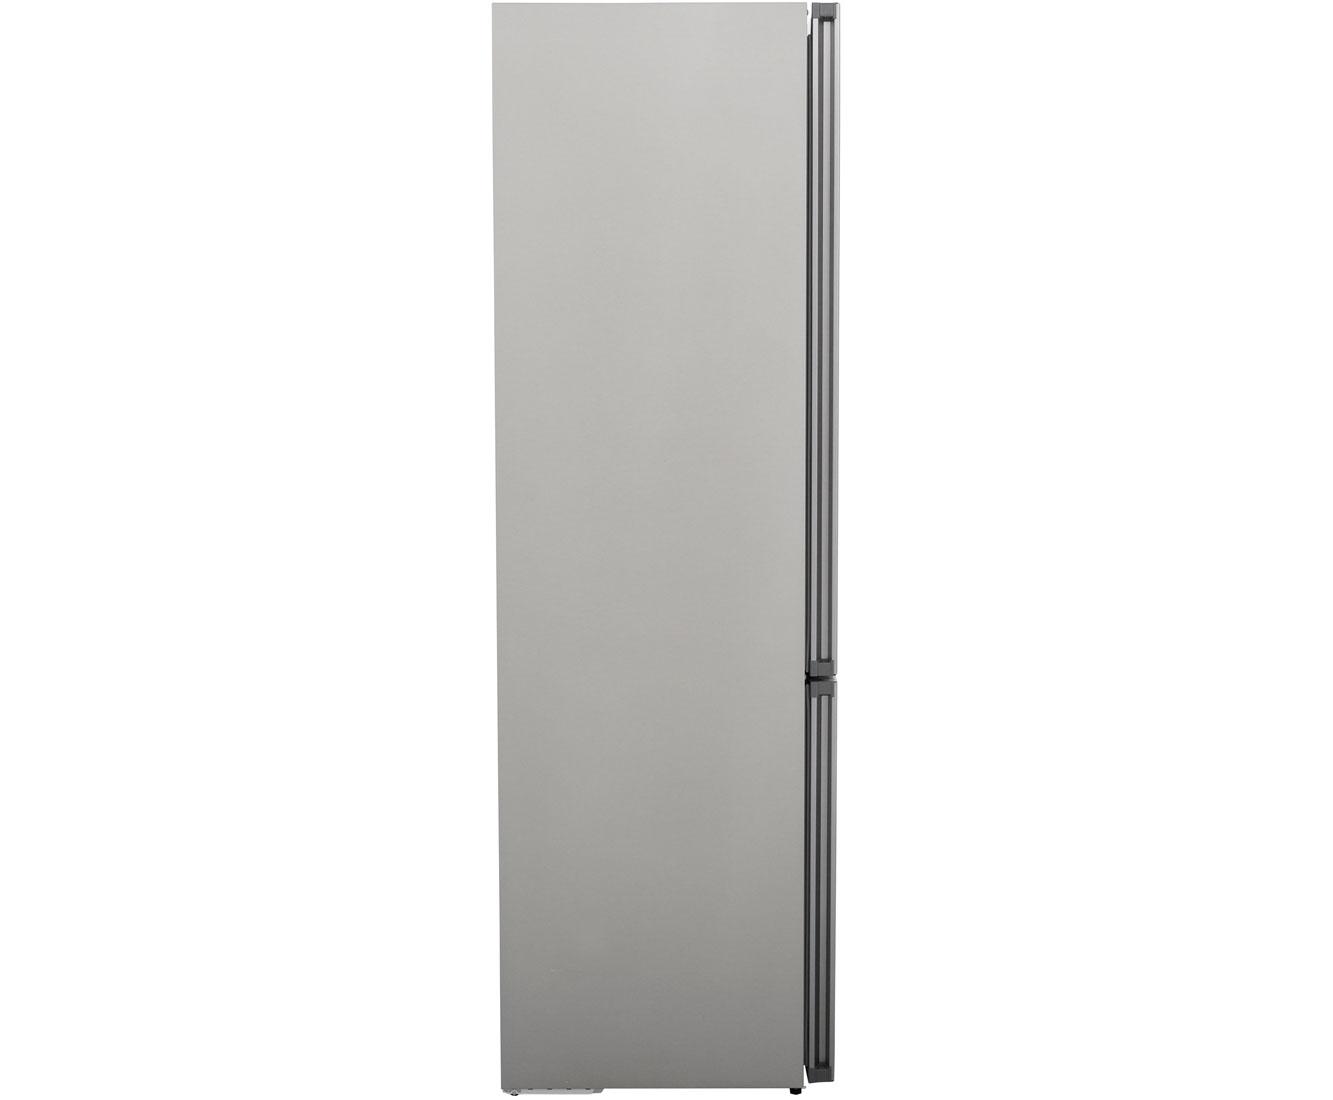 Siemens Kühlschrank 45 Cm Breit : Siemens iq kg nvl kühl gefrierkombination mit no frost